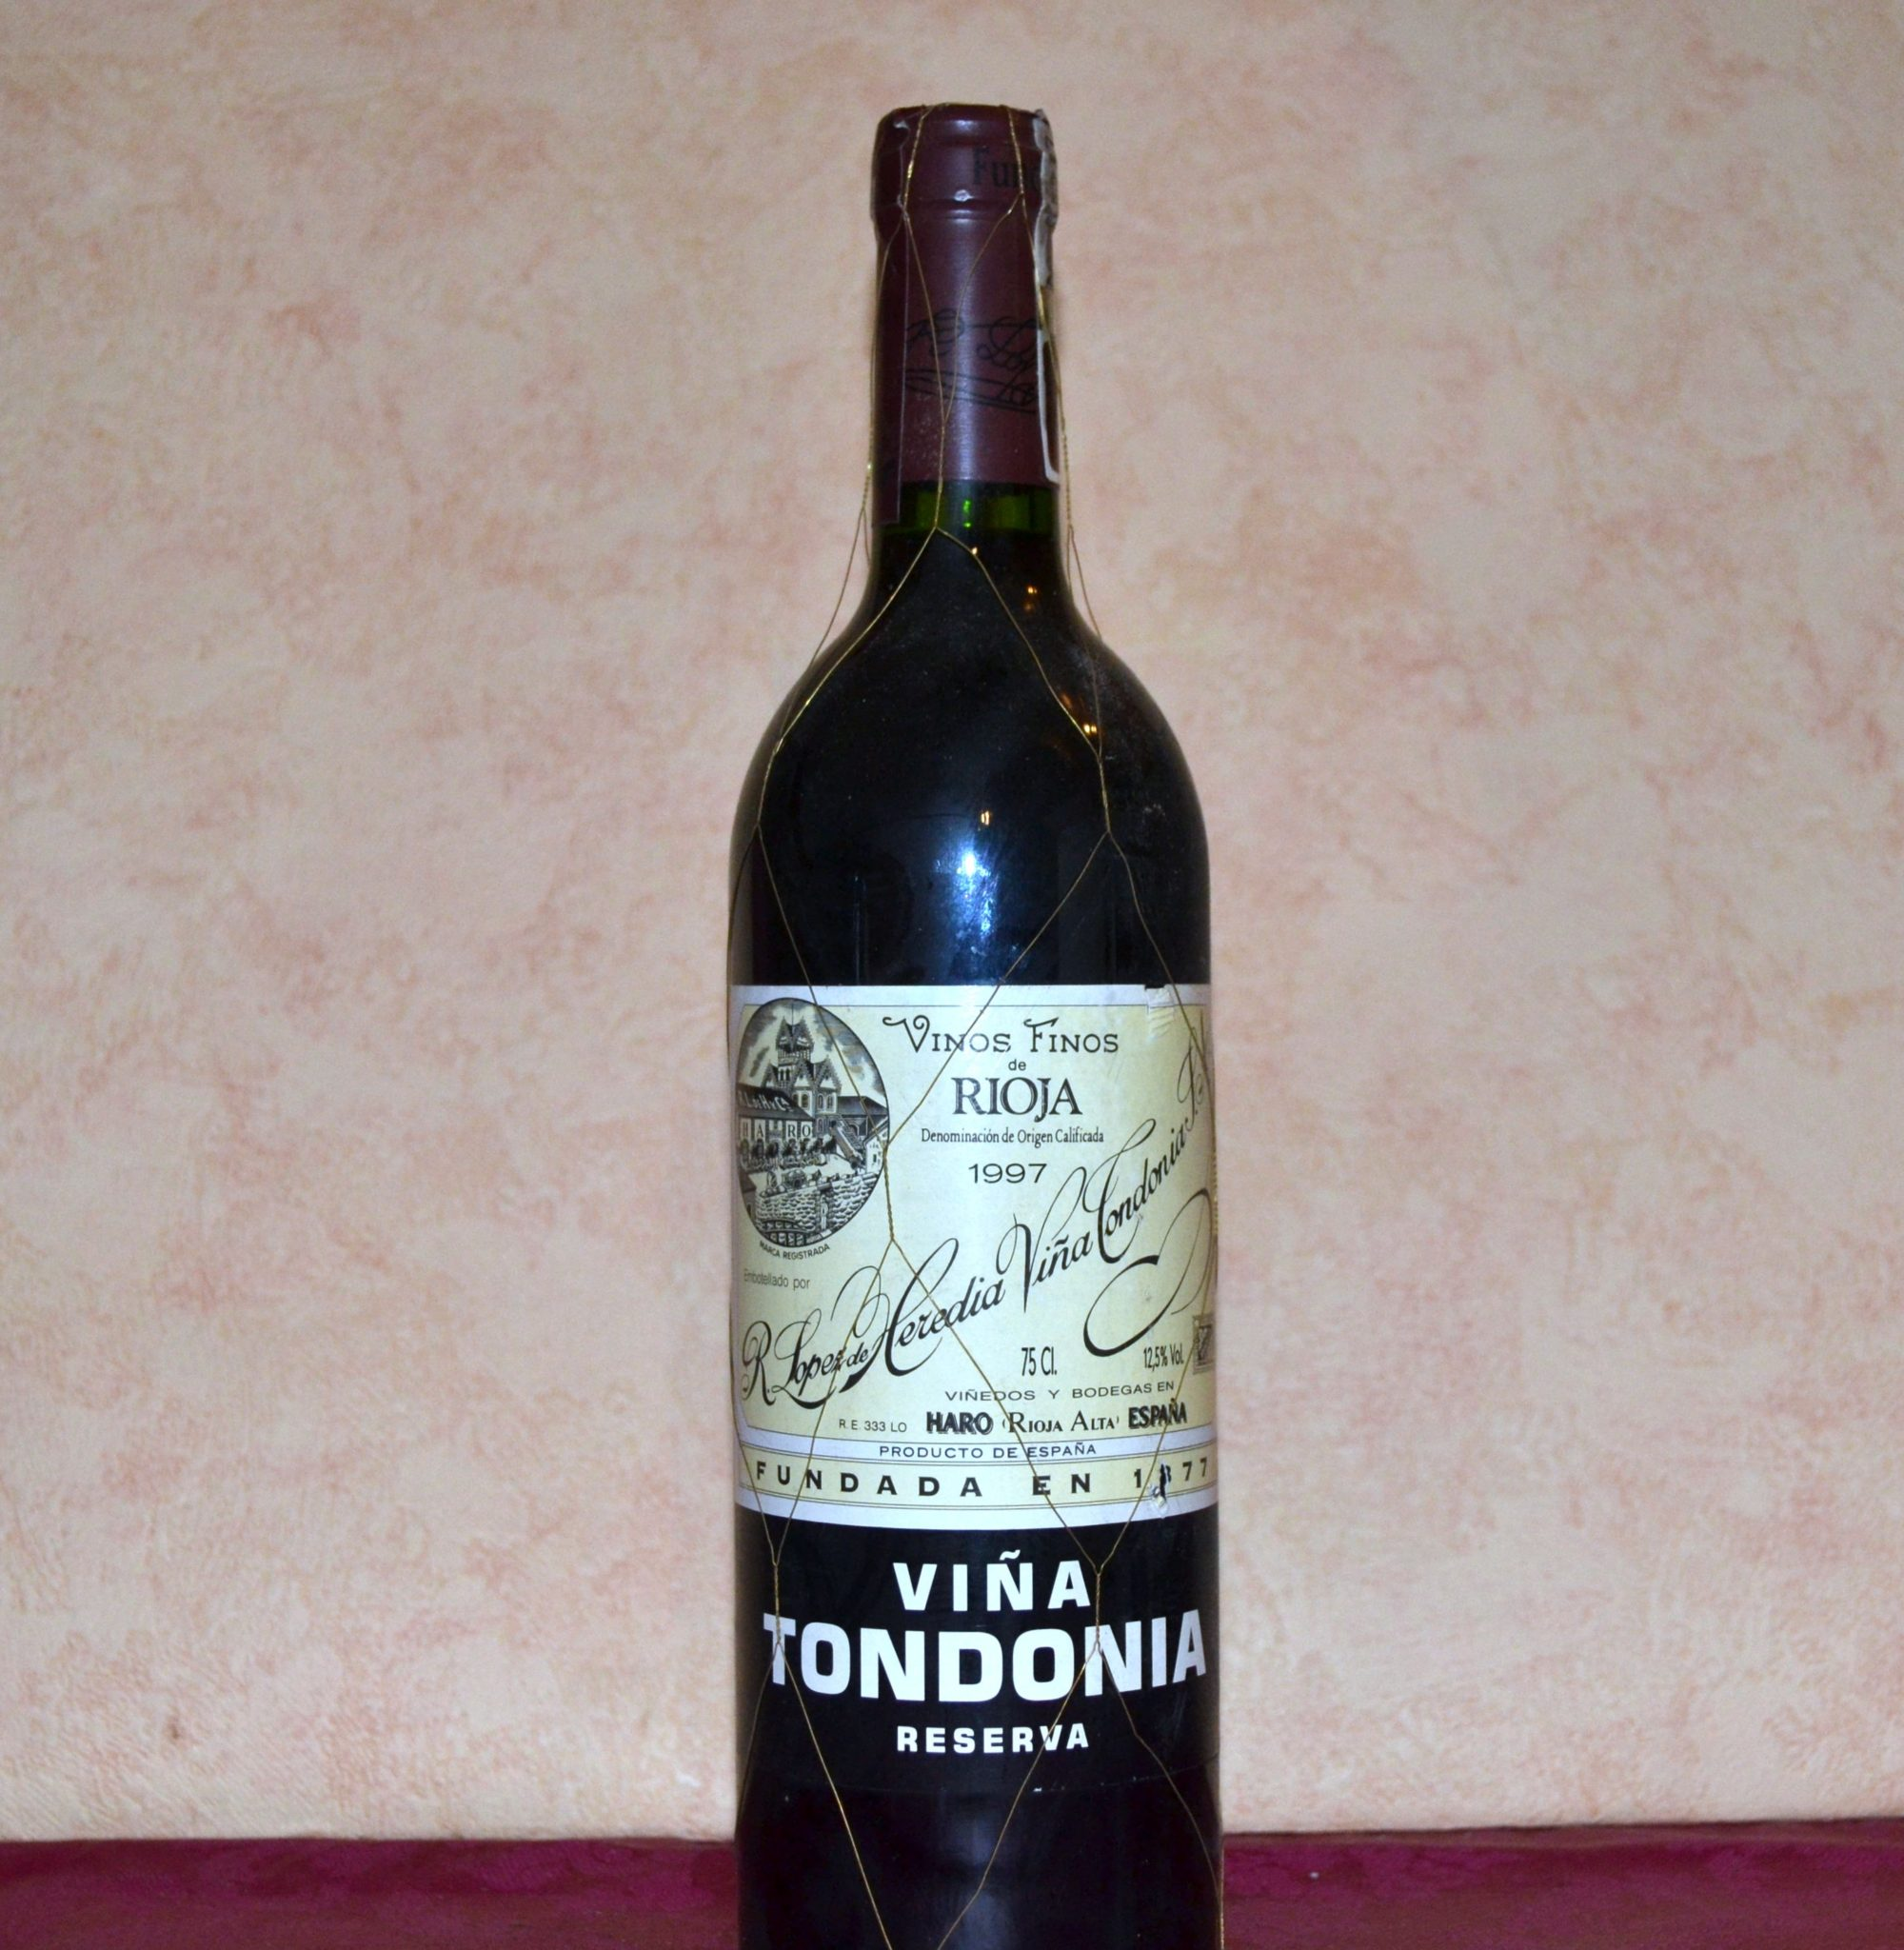 viña tondonia reserva 1997